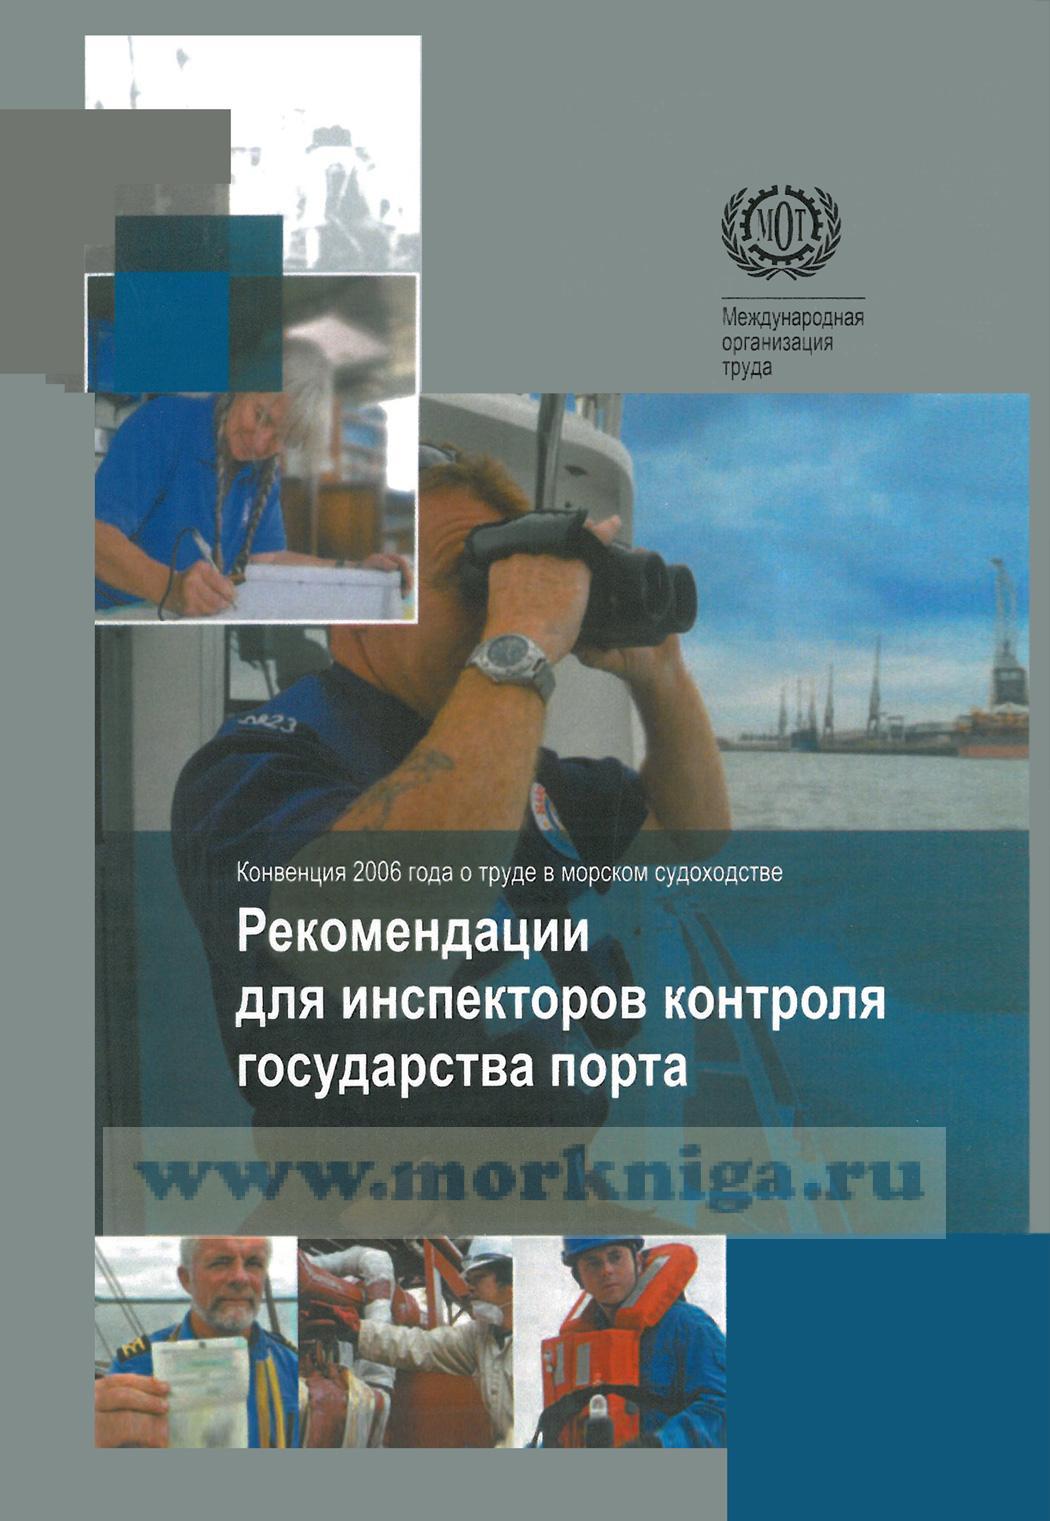 Рекомендации для инспекторов государства порта